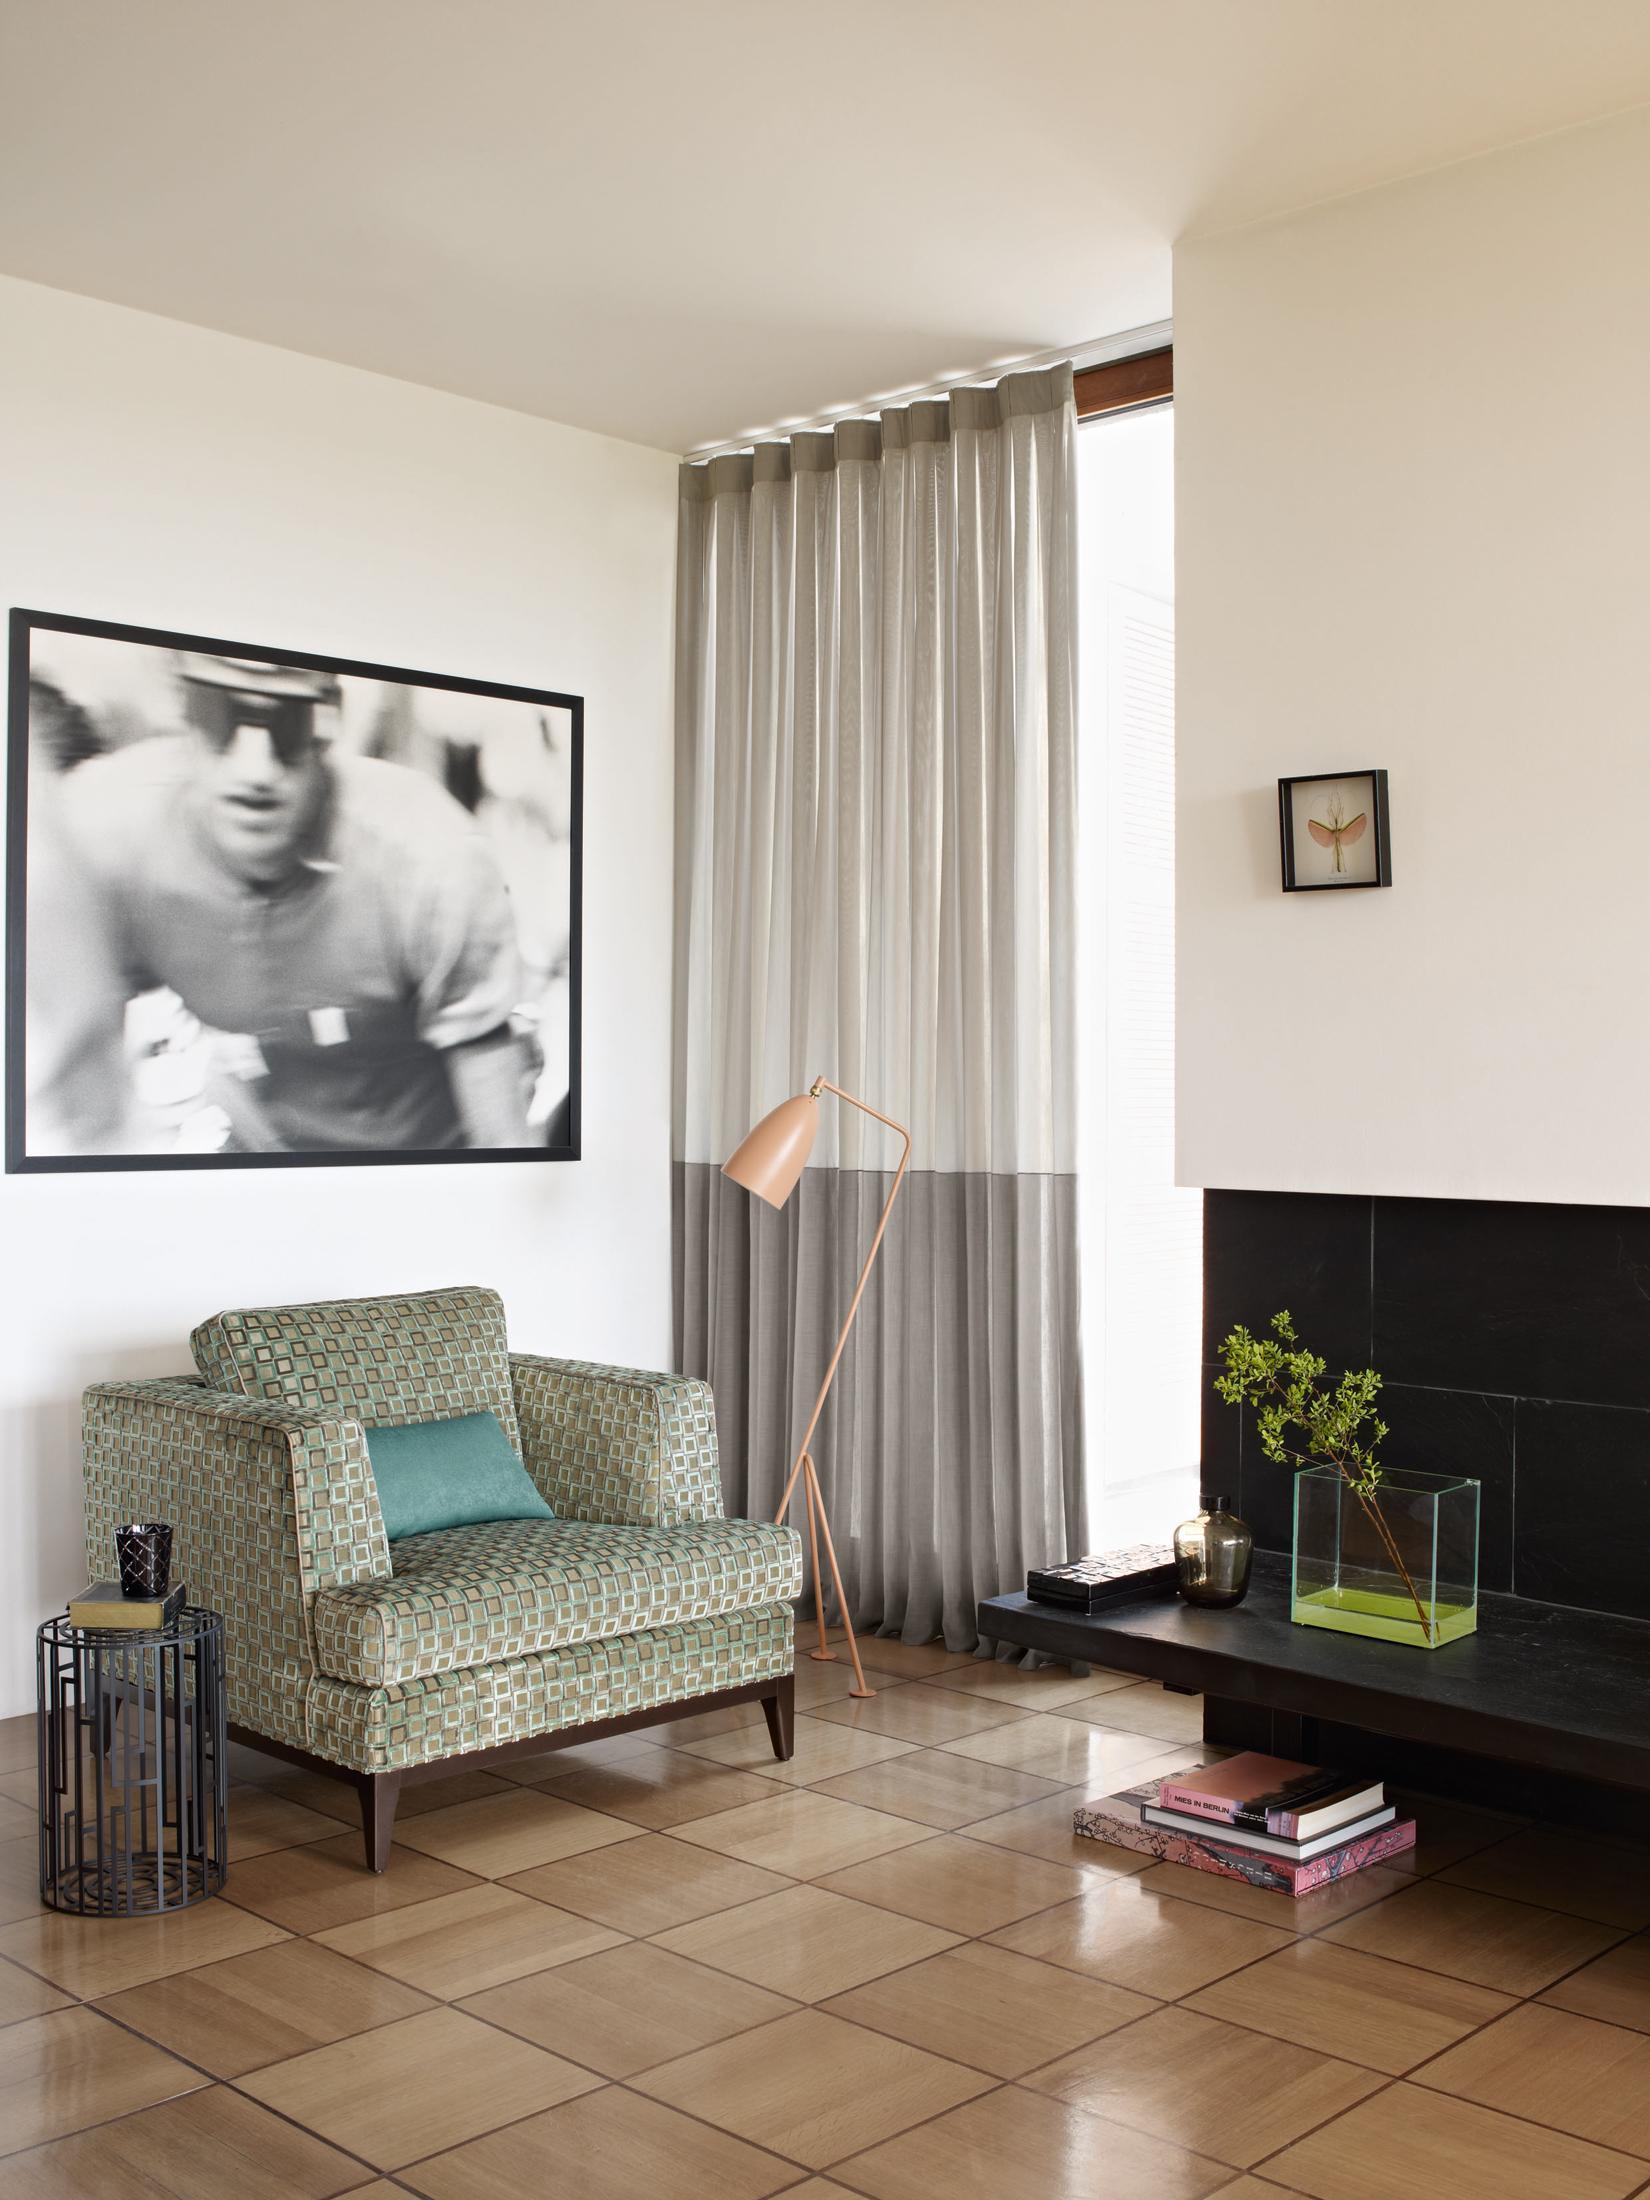 Braune Fliesen • Bilder & Ideen • COUCH